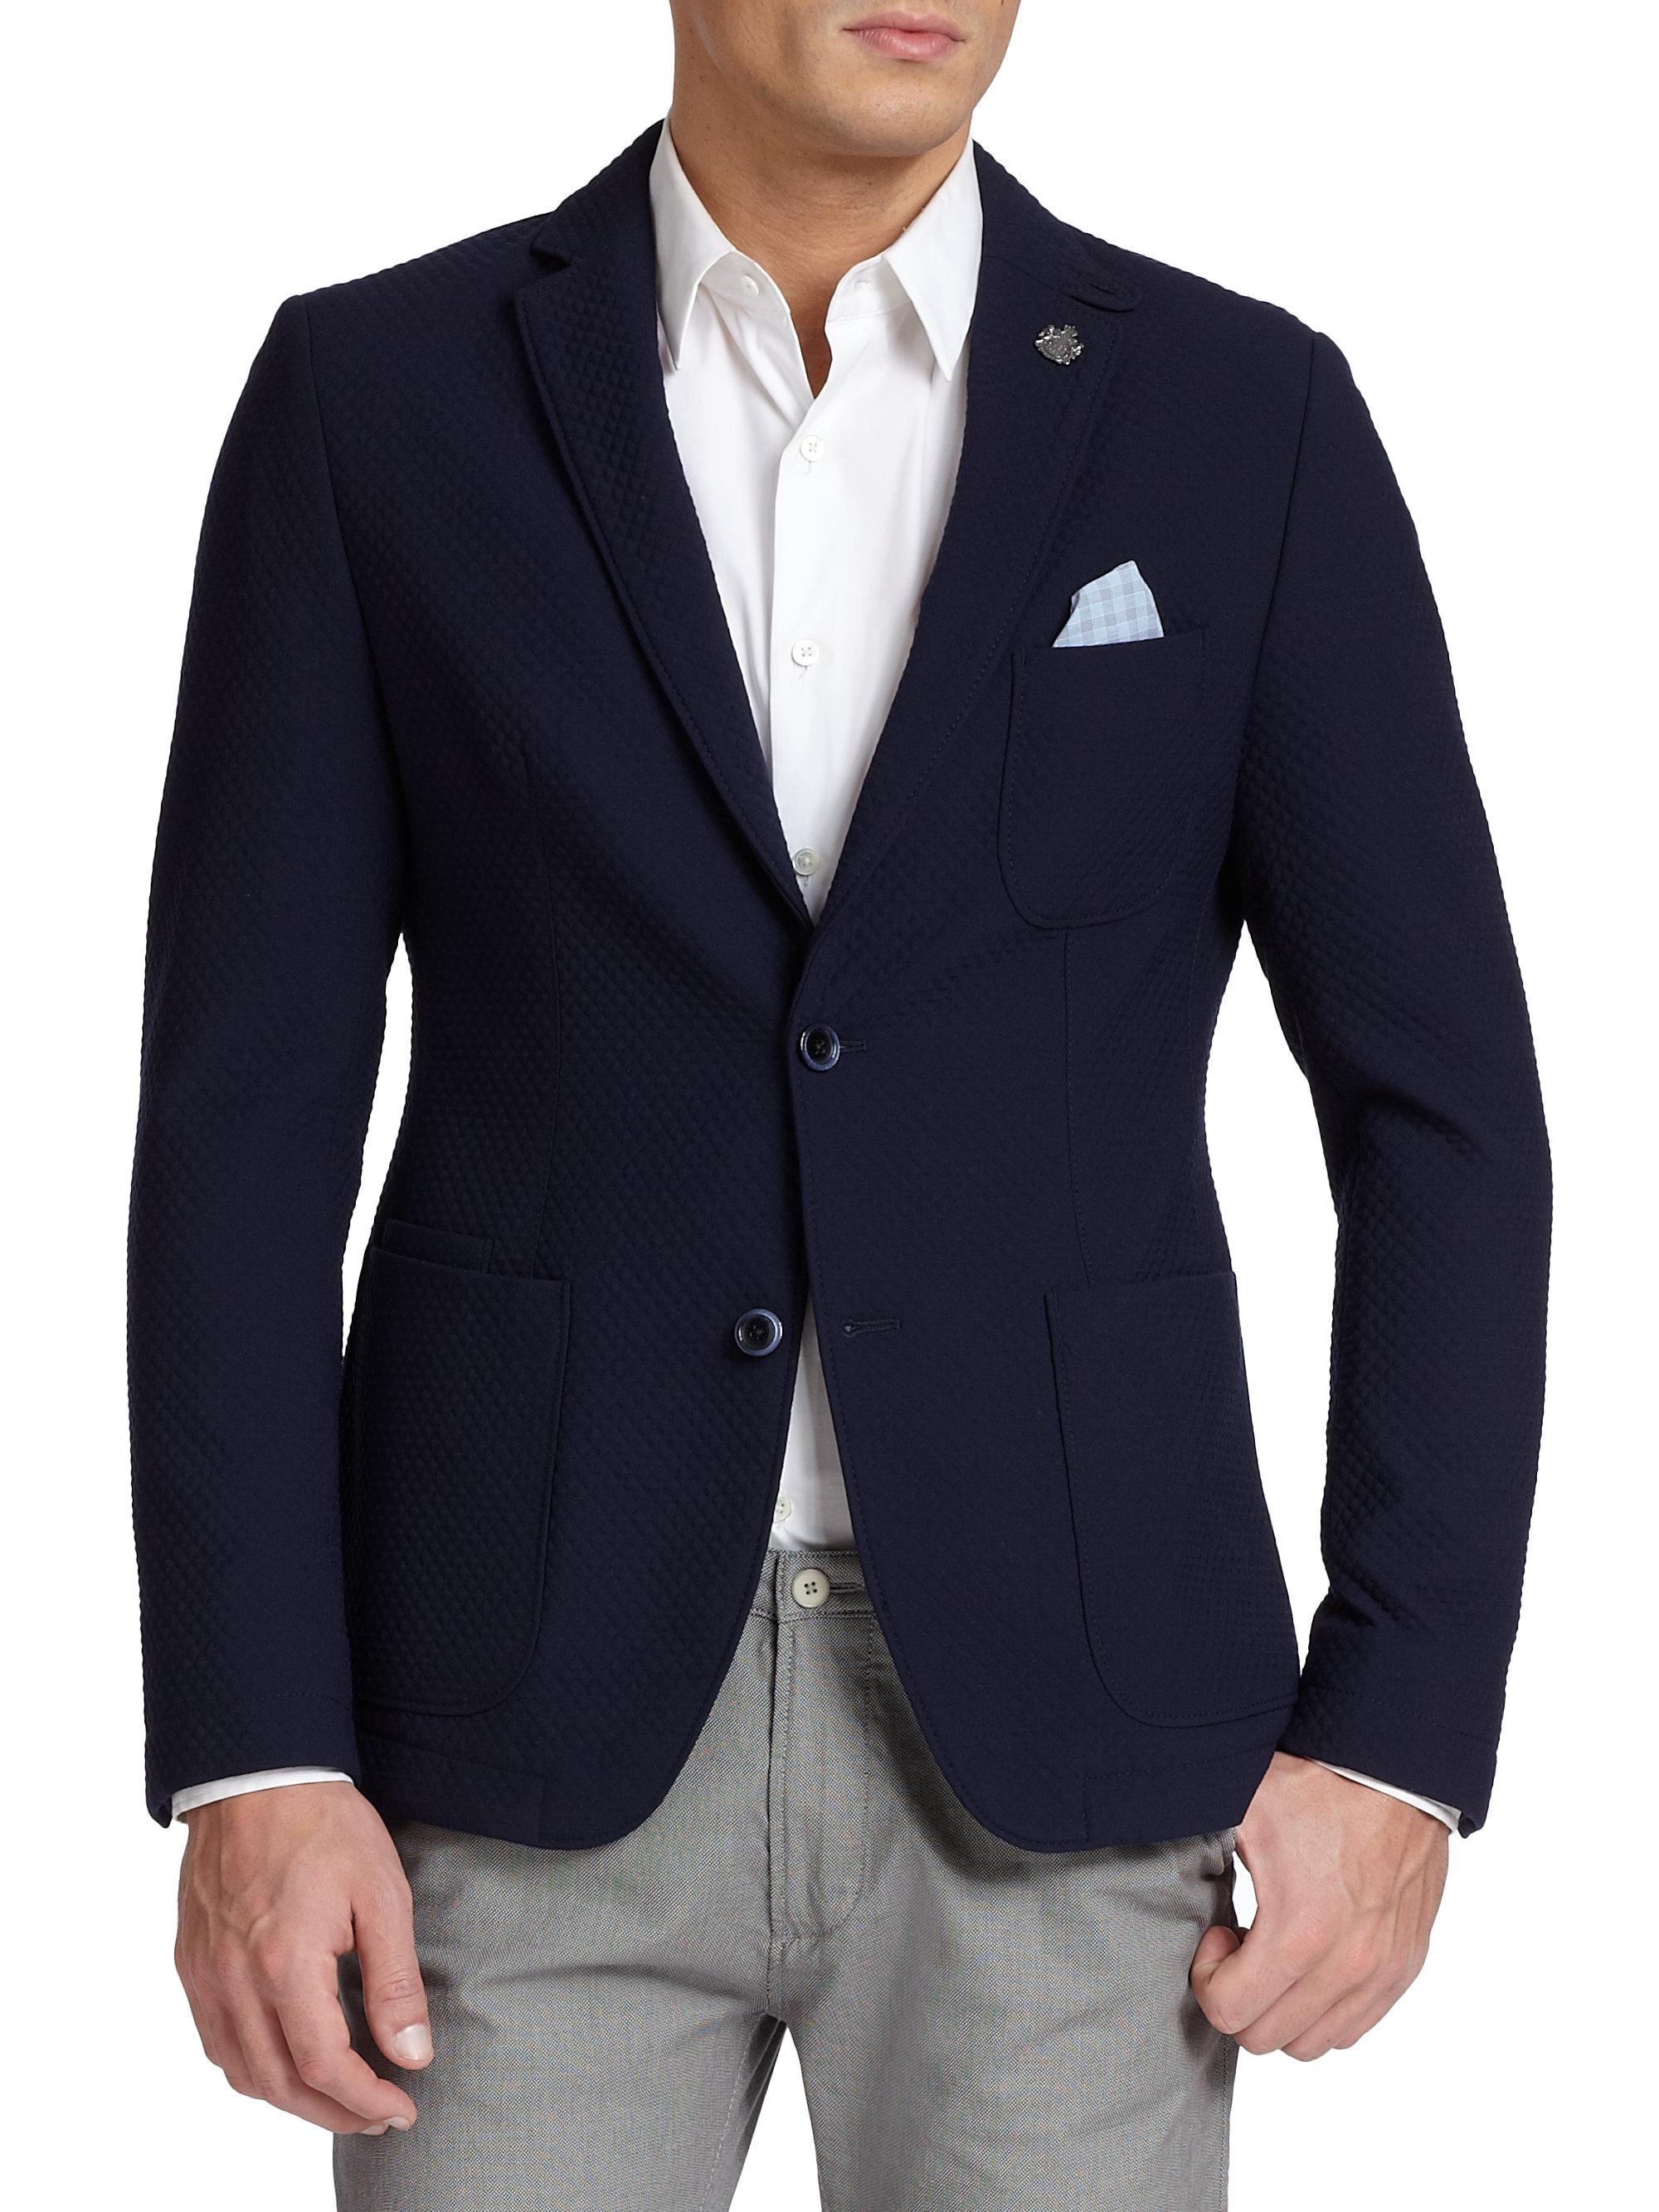 hugo boss navim quilted blazer in blue for men dark blue. Black Bedroom Furniture Sets. Home Design Ideas